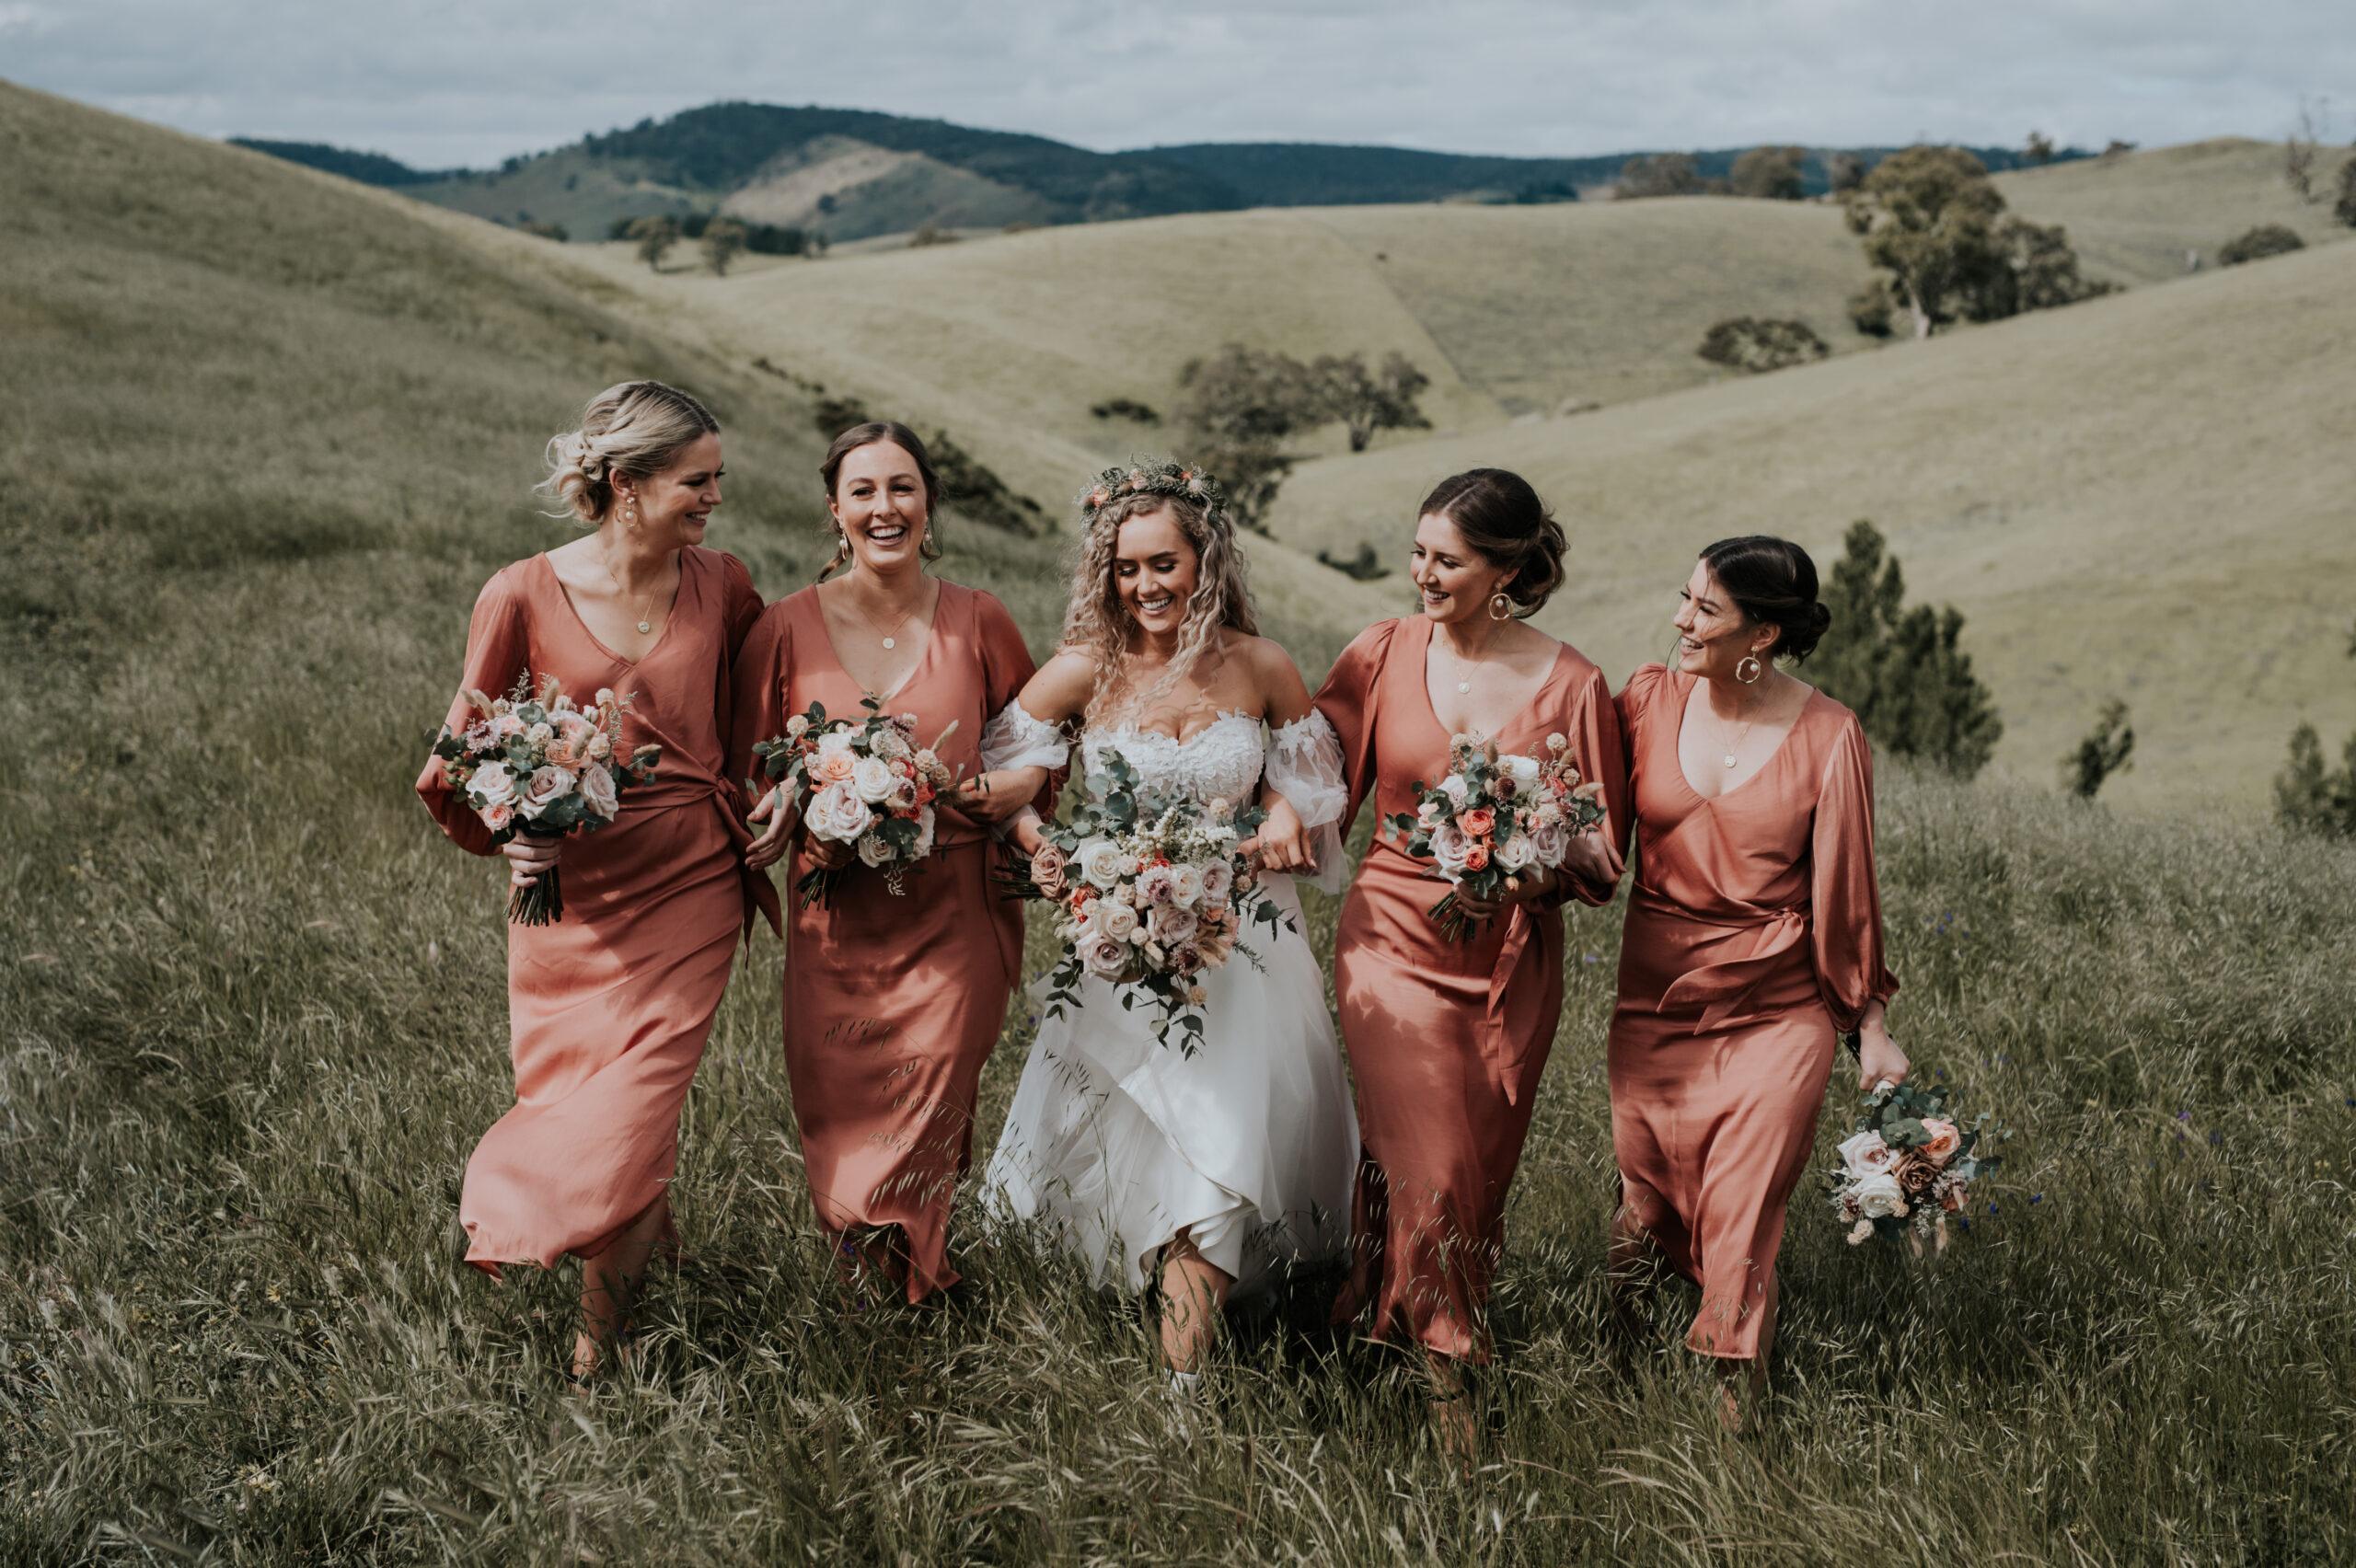 Brooke and bridesmaids